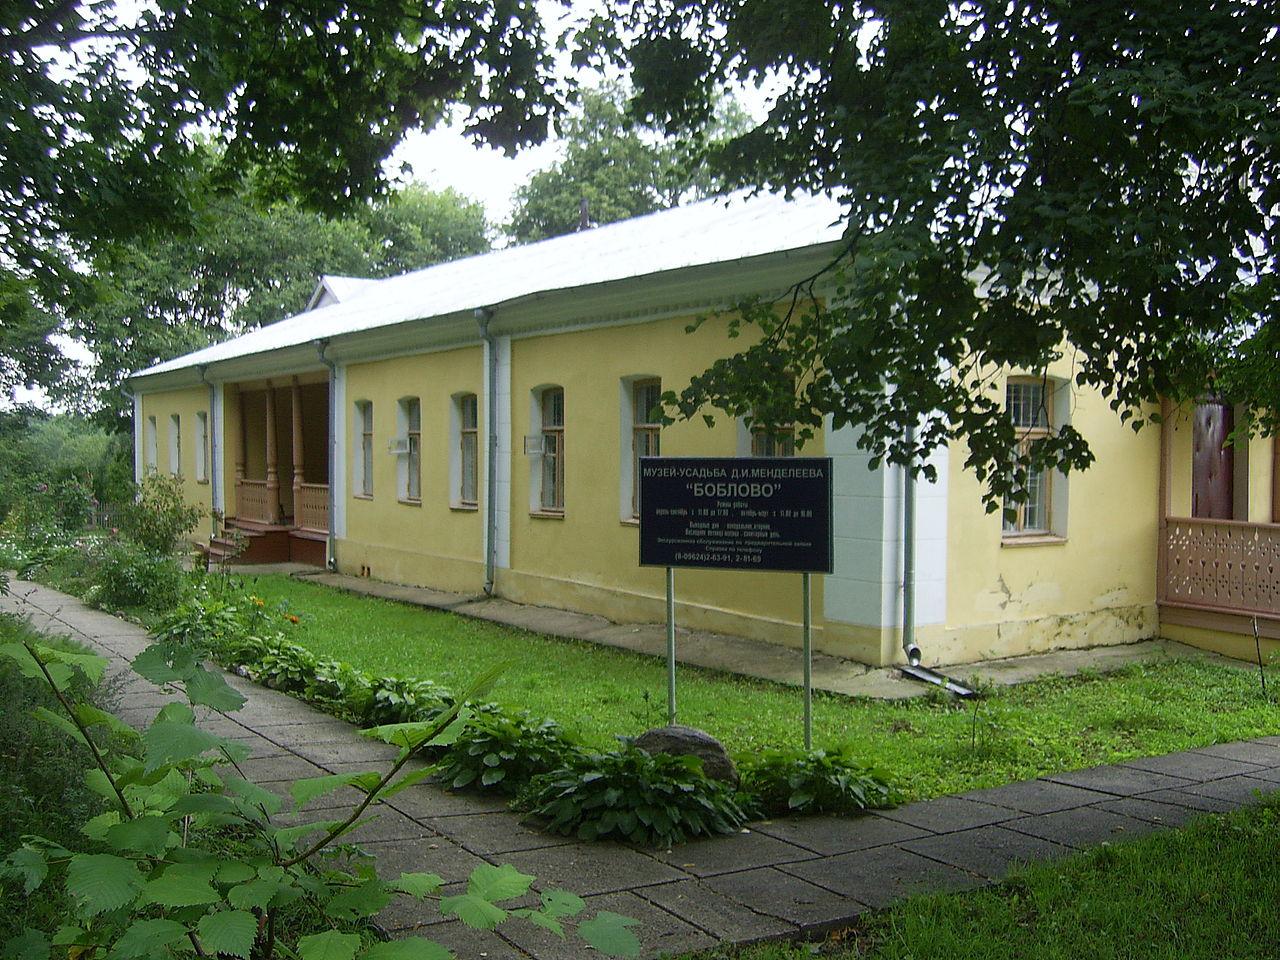 Музей-усадьба Боблово, Московская область